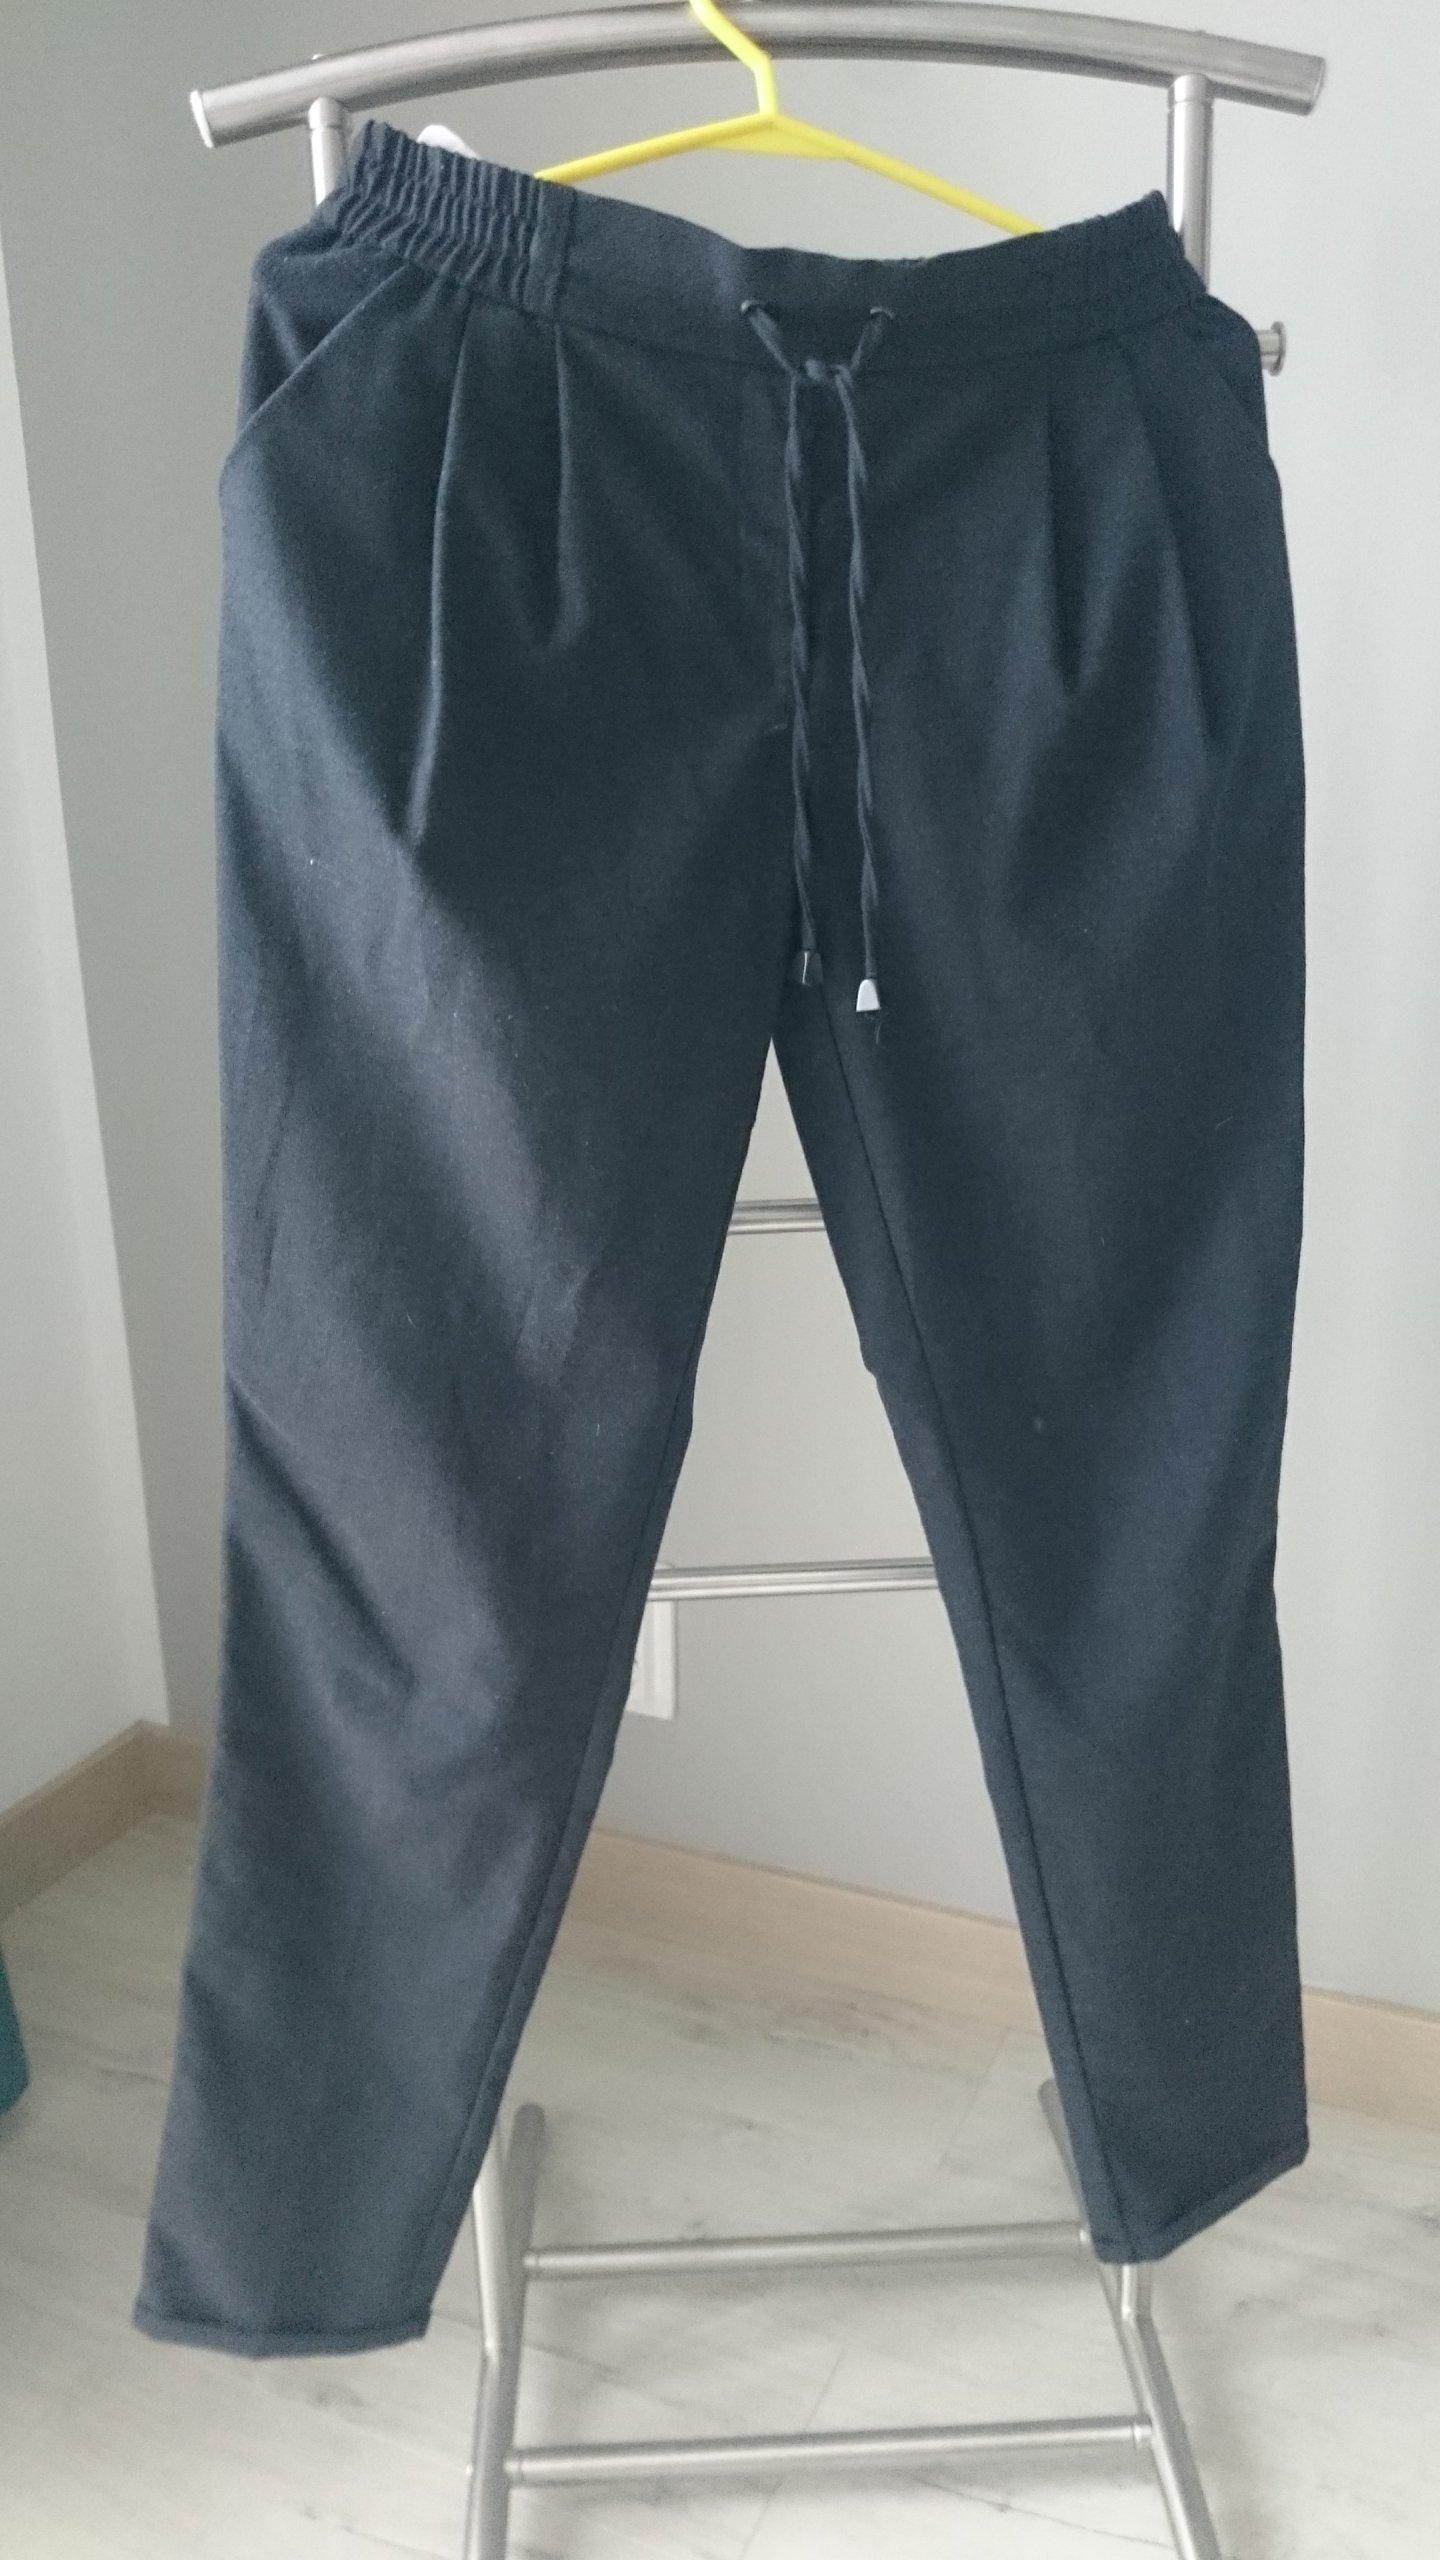 c2220aa602 Spodnie damskie eleganckie rozmiar 36 - 7087958461 - oficjalne ...